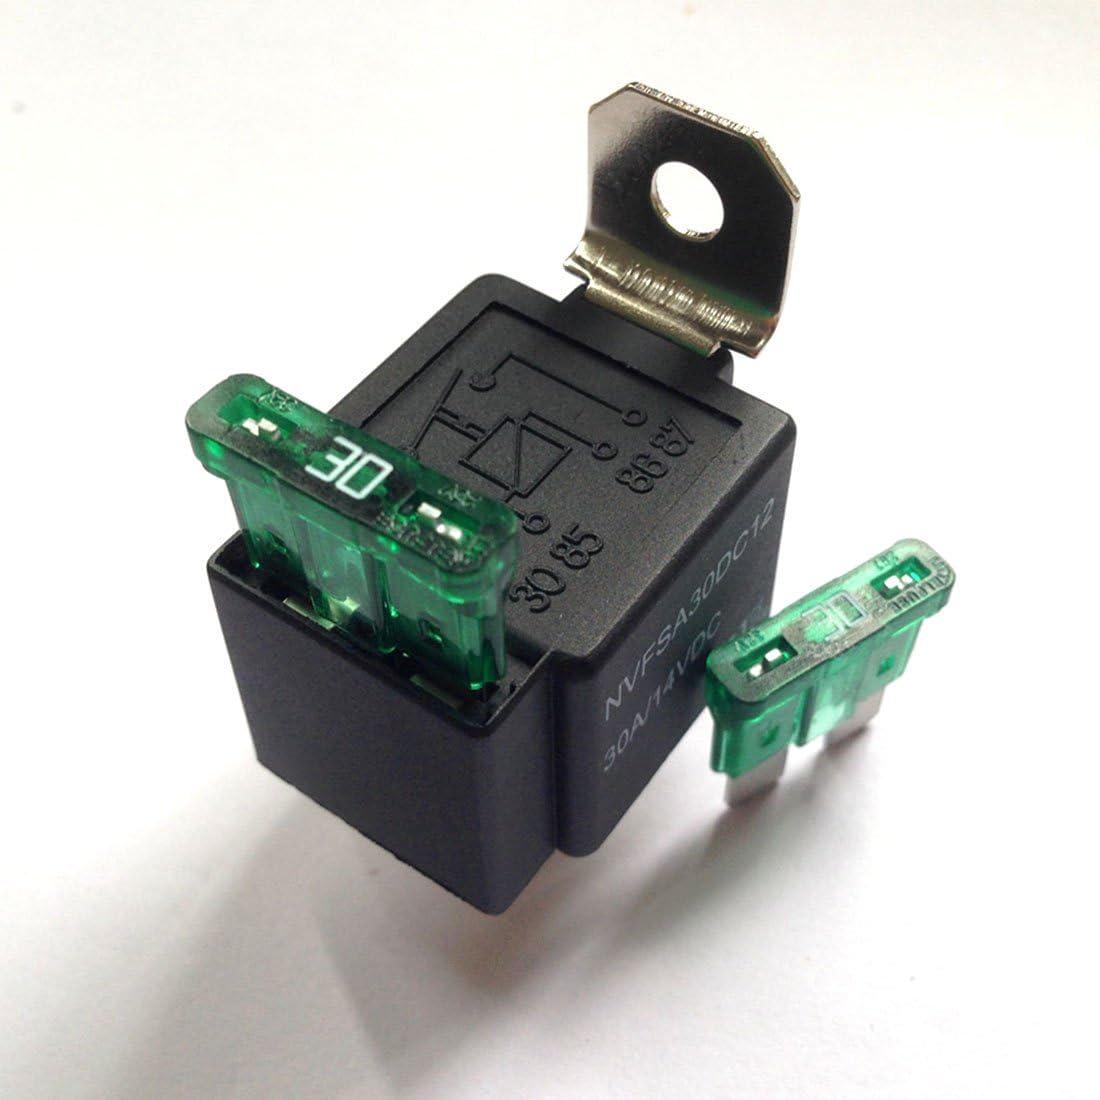 contatti normalmente aperti 30 Amp Fusibile rel/è on//off a 4 pin Ogry JD1912 biciclette 30 A 12 V furgoni per auto